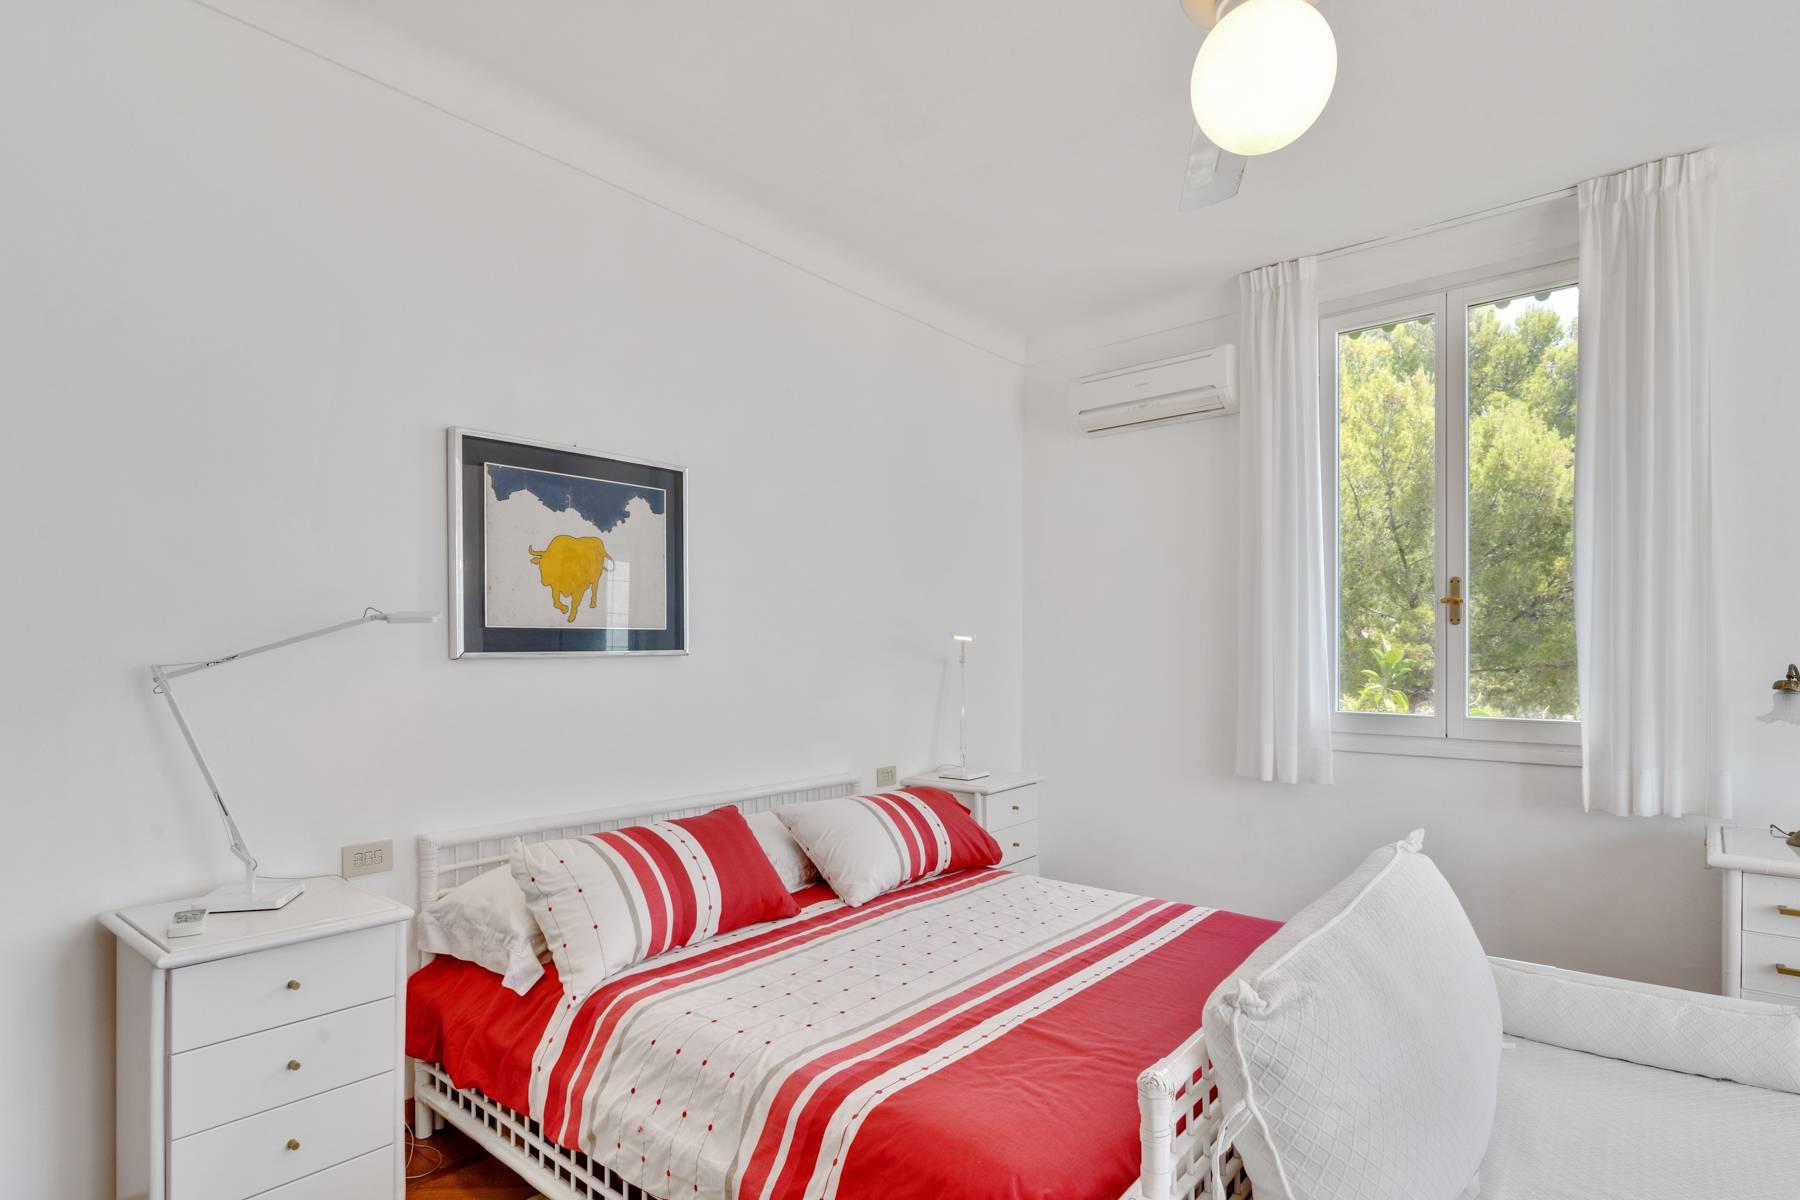 Casa indipendente in Vendita a Alassio: 5 locali, 230 mq - Foto 16